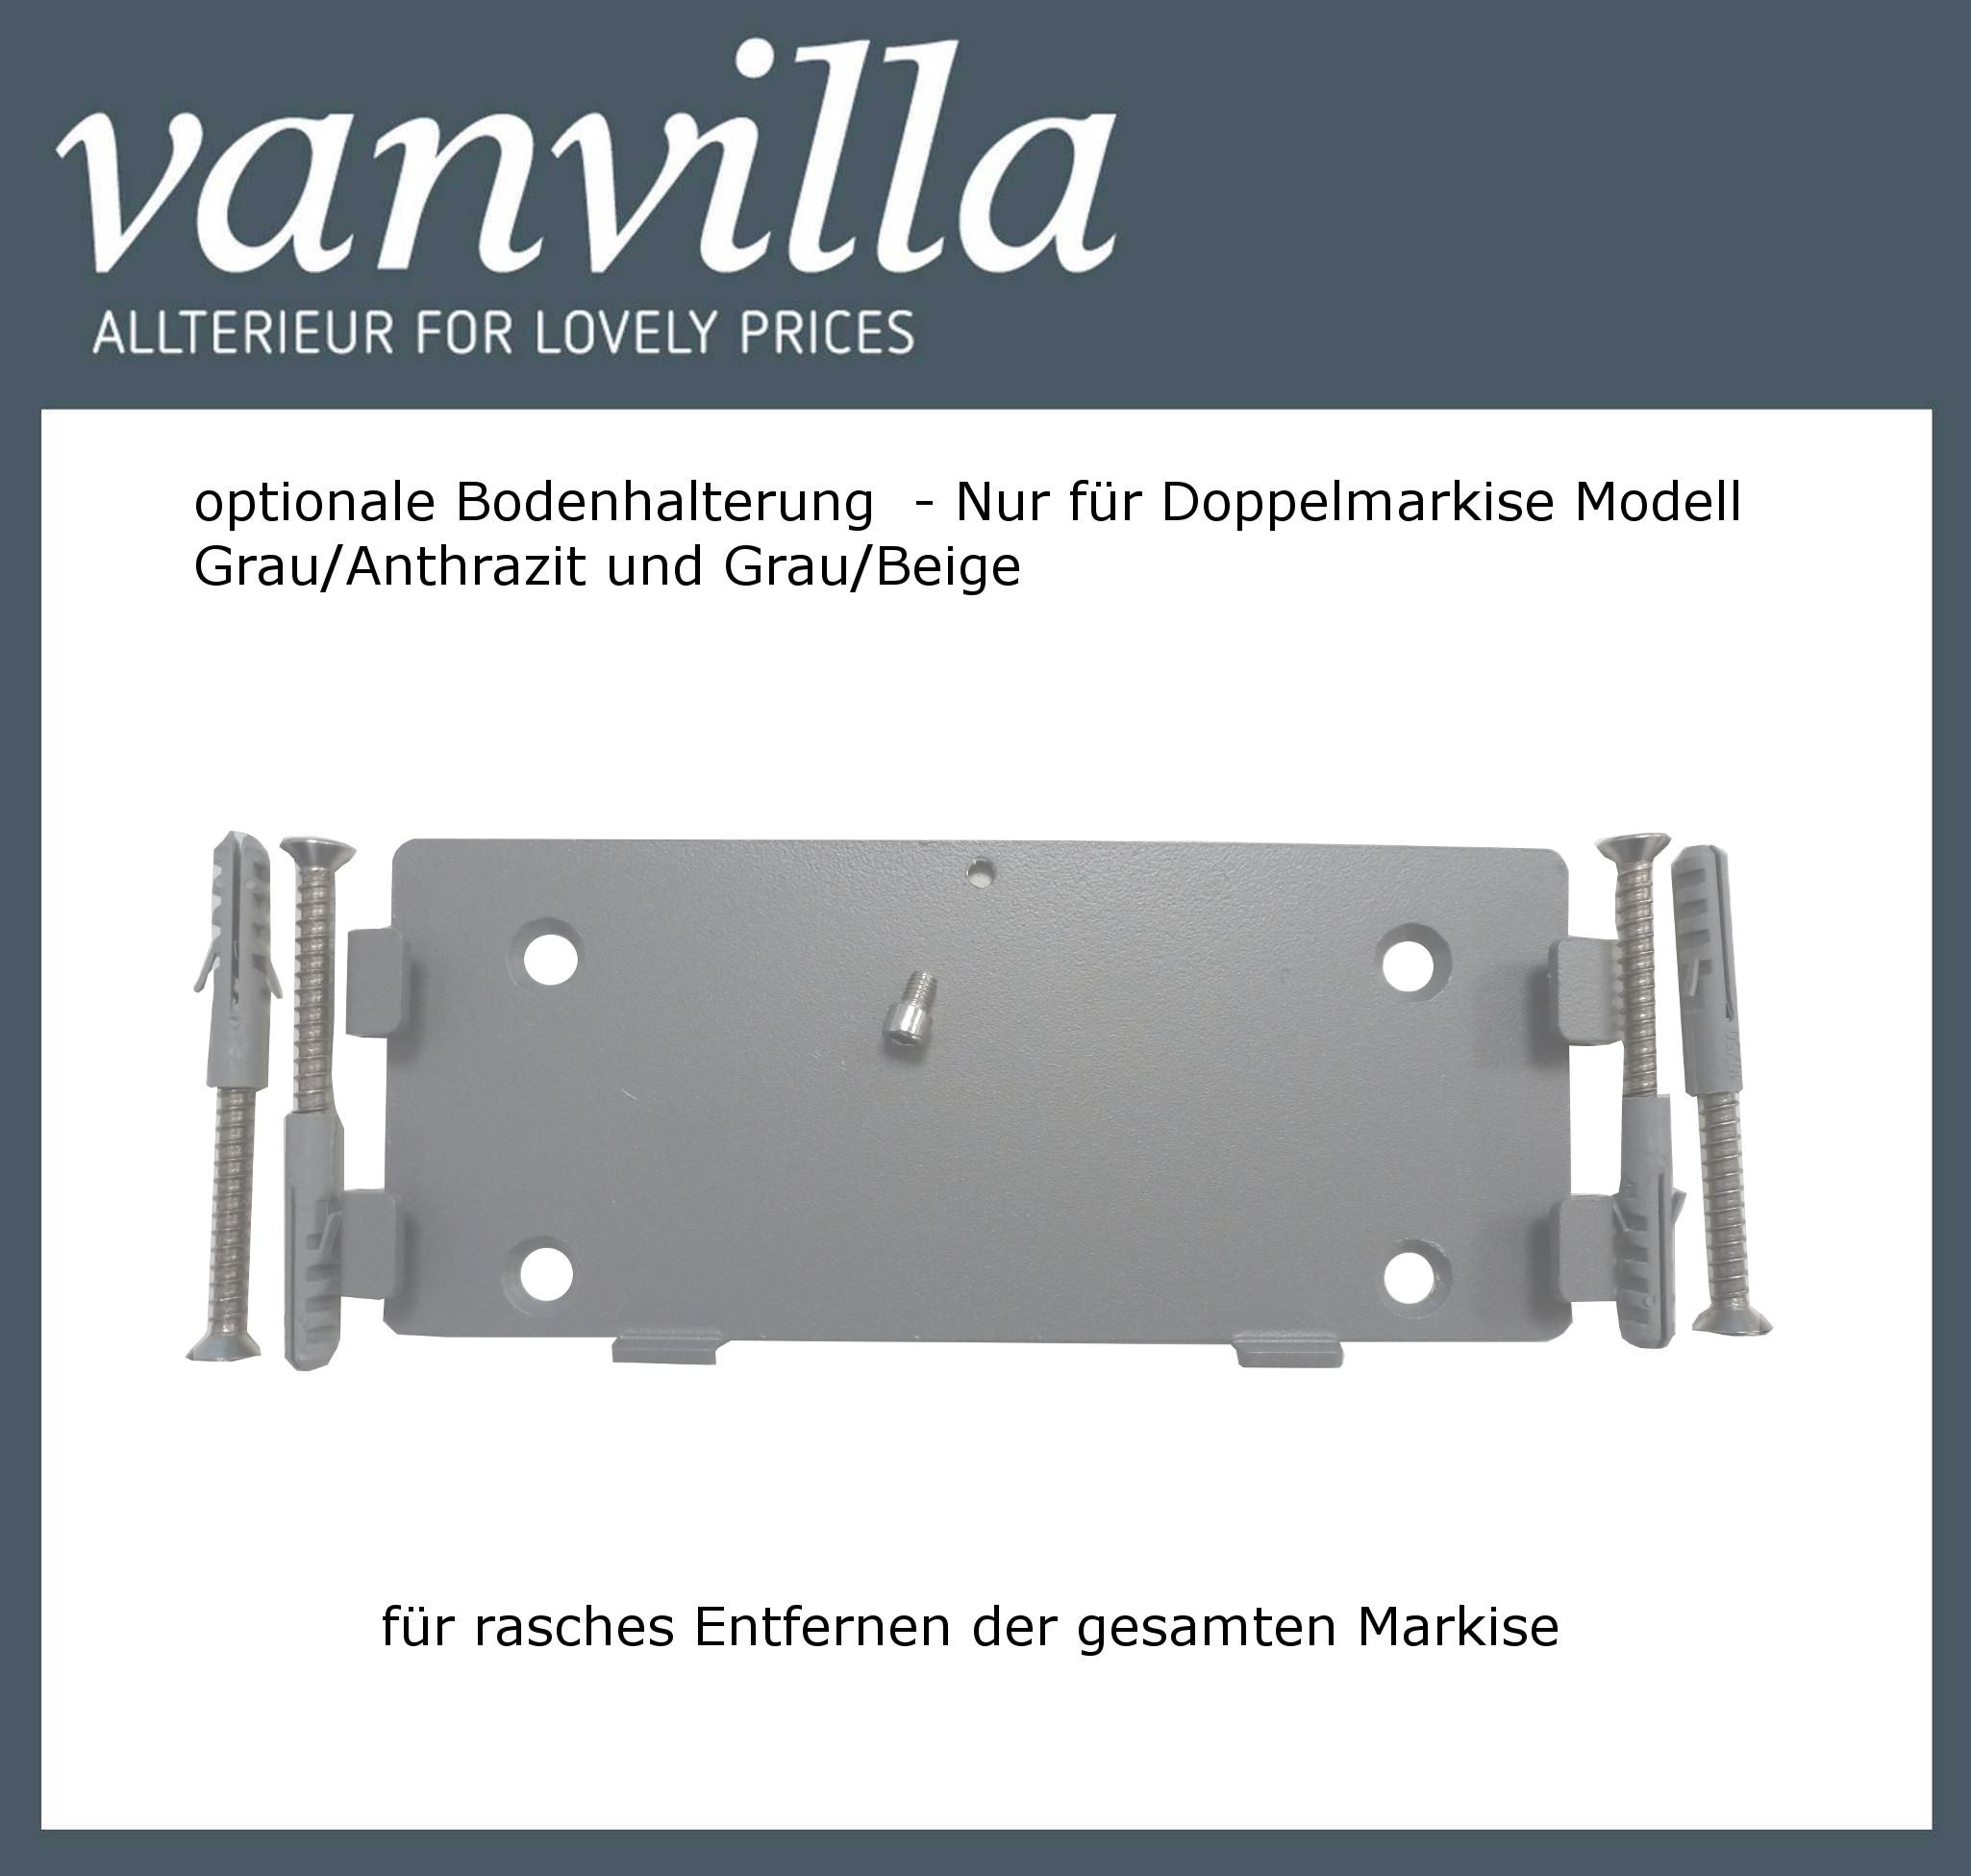 vanvilla Bodenhalterung für Doppelmarkise (Kassette) für Modell MA